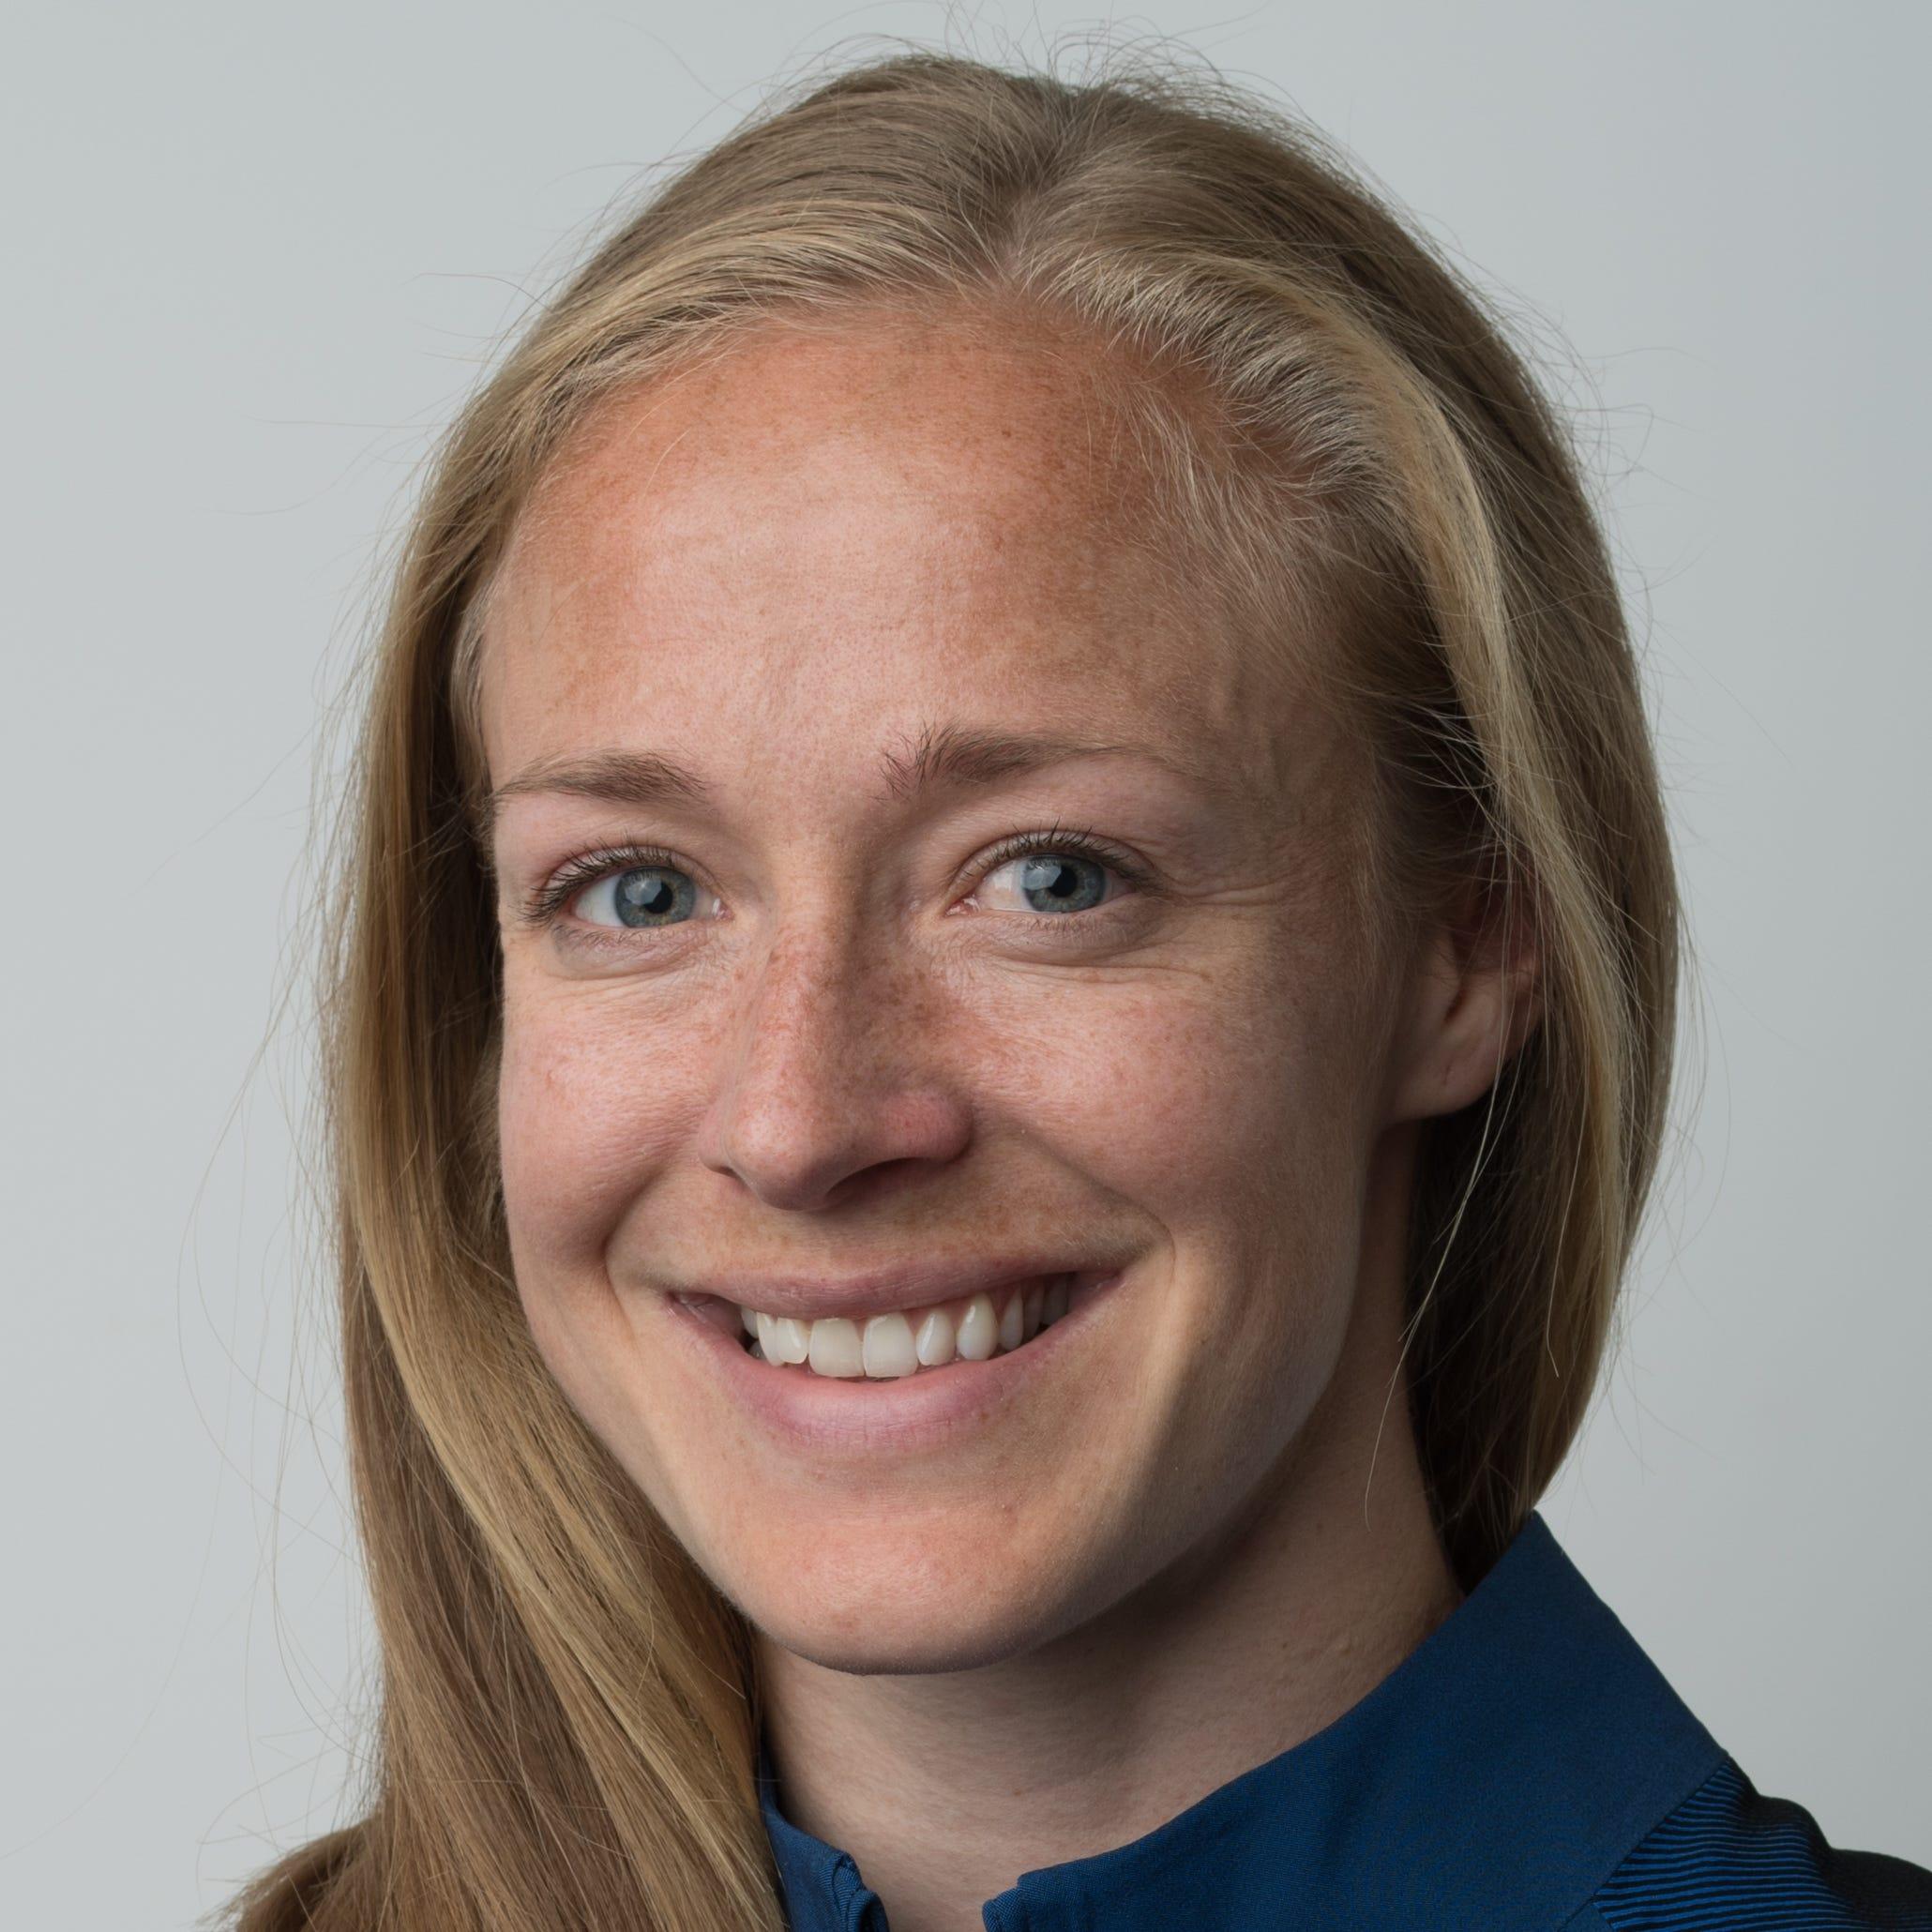 Becky Sauerbrunn